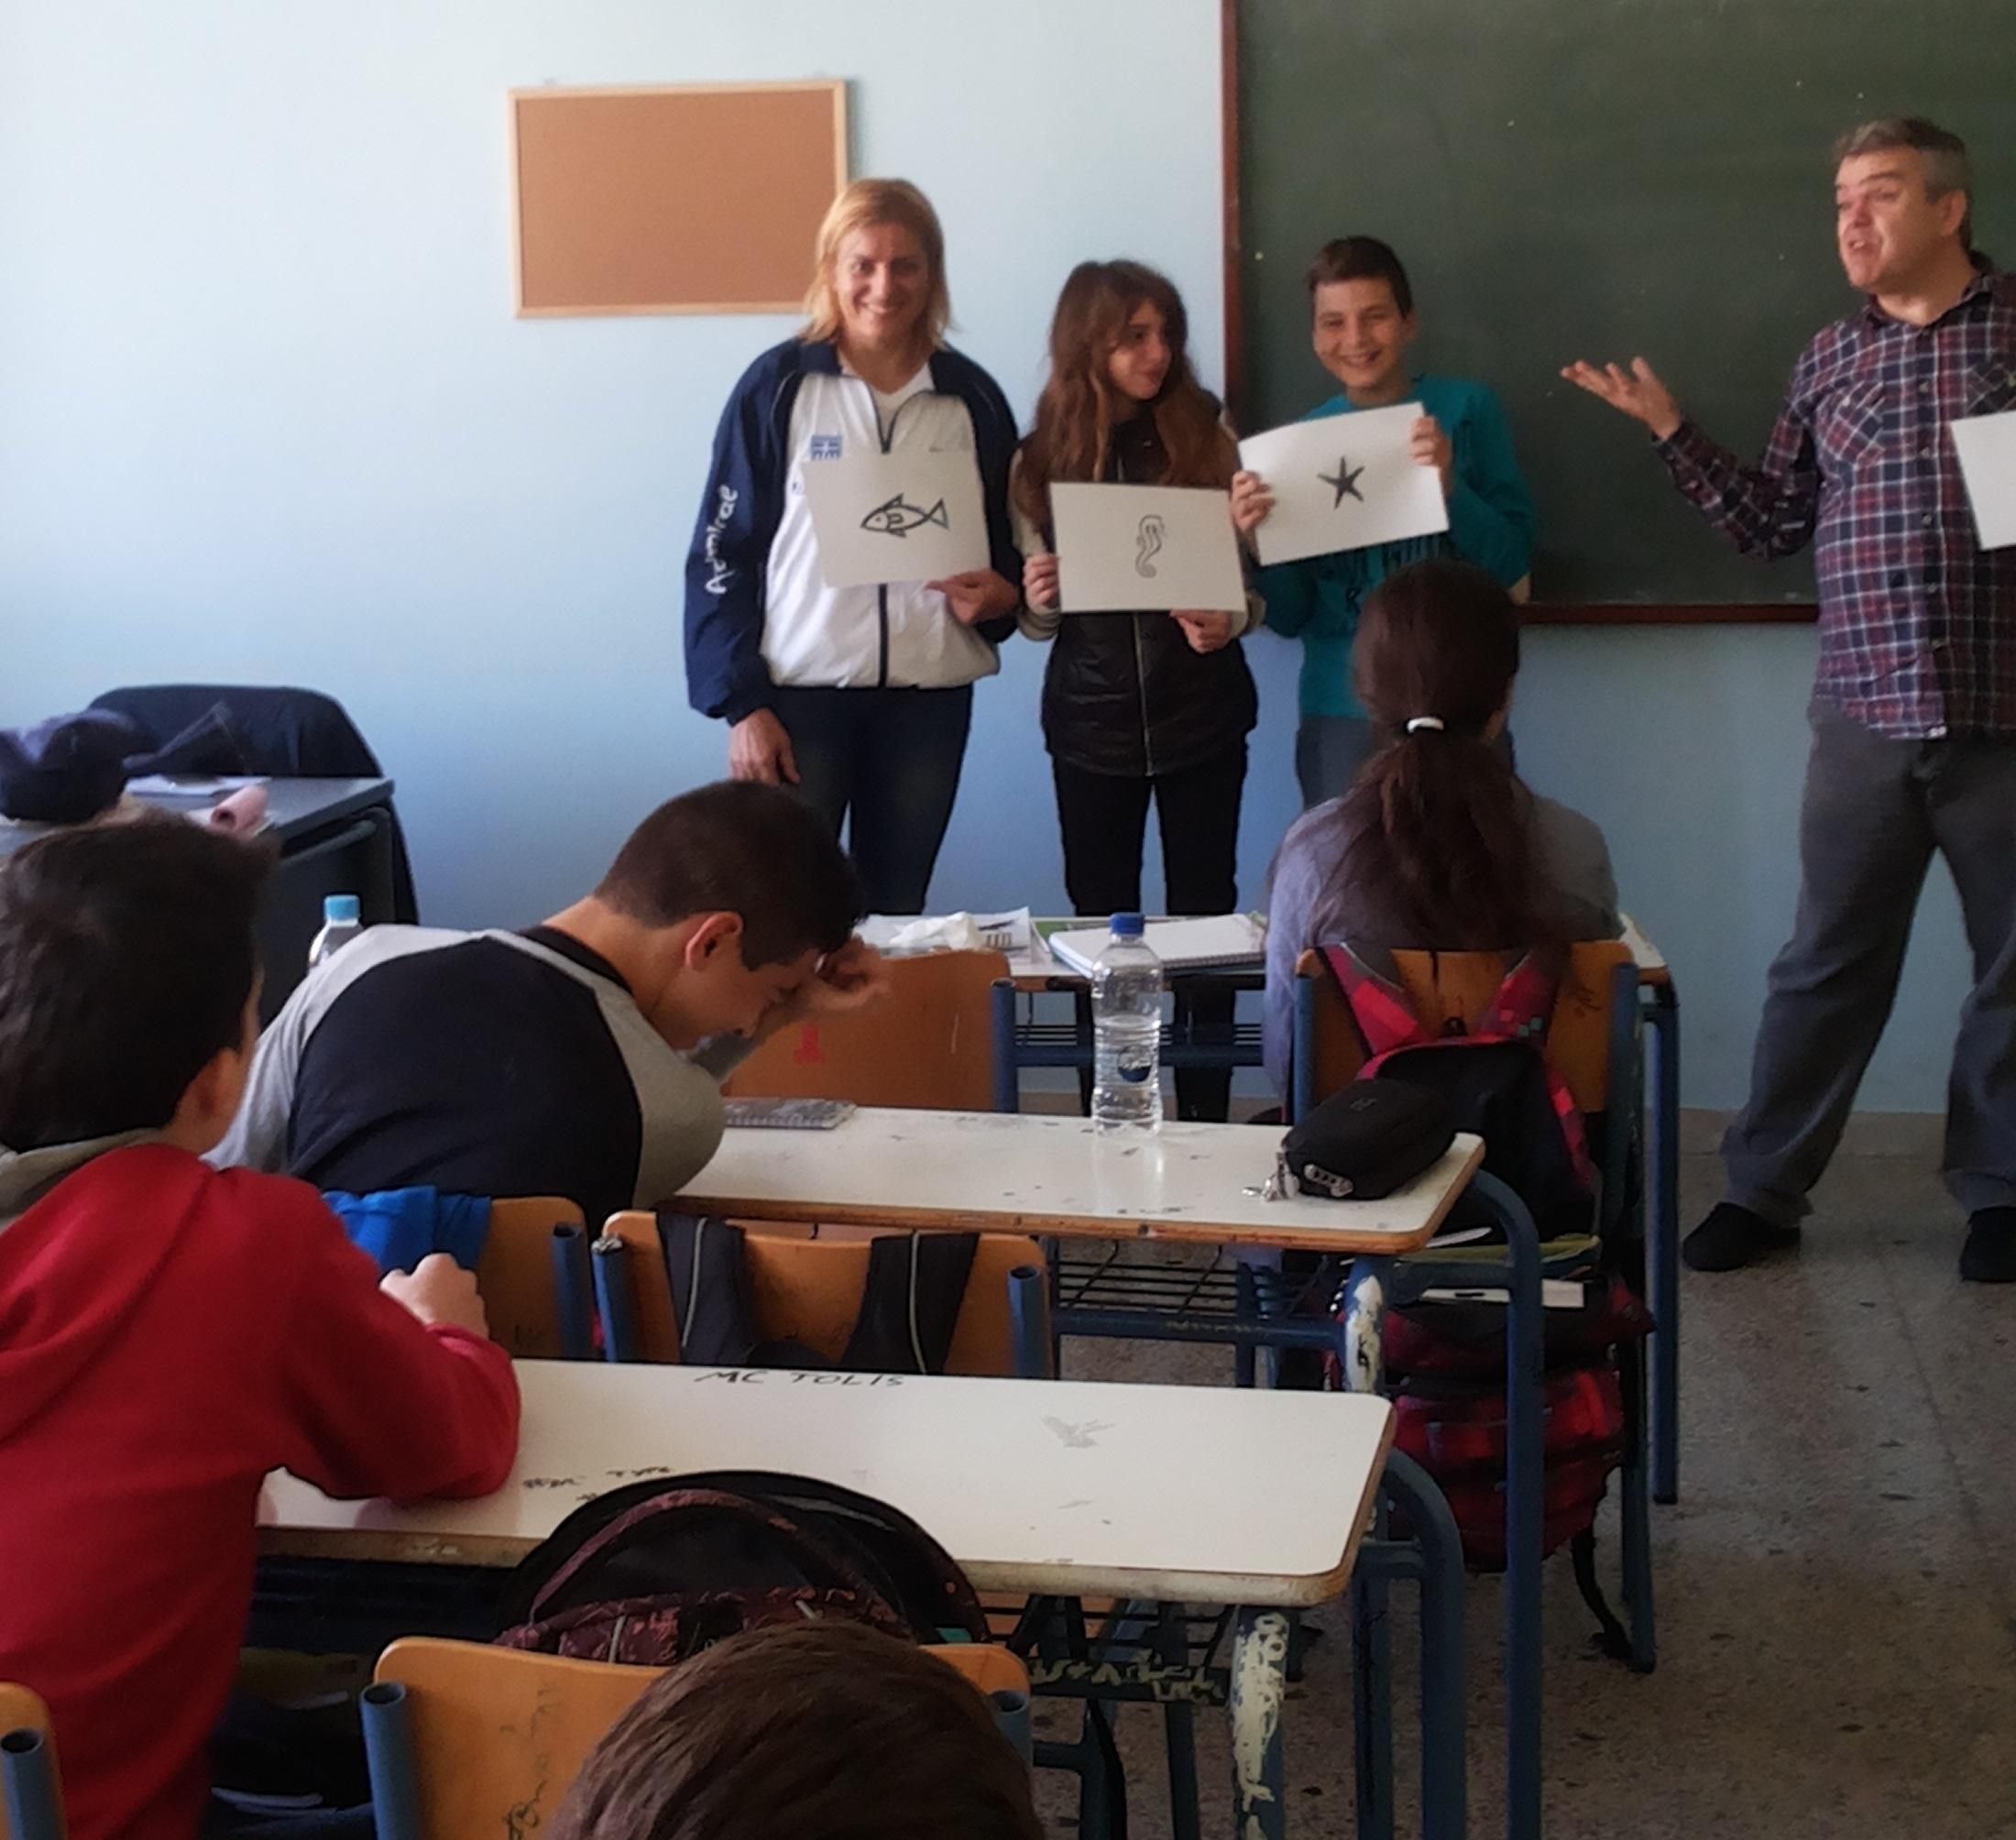 1ο Γυμνάσιο Χαιδαρίου - Βούλα Ζυγούρη